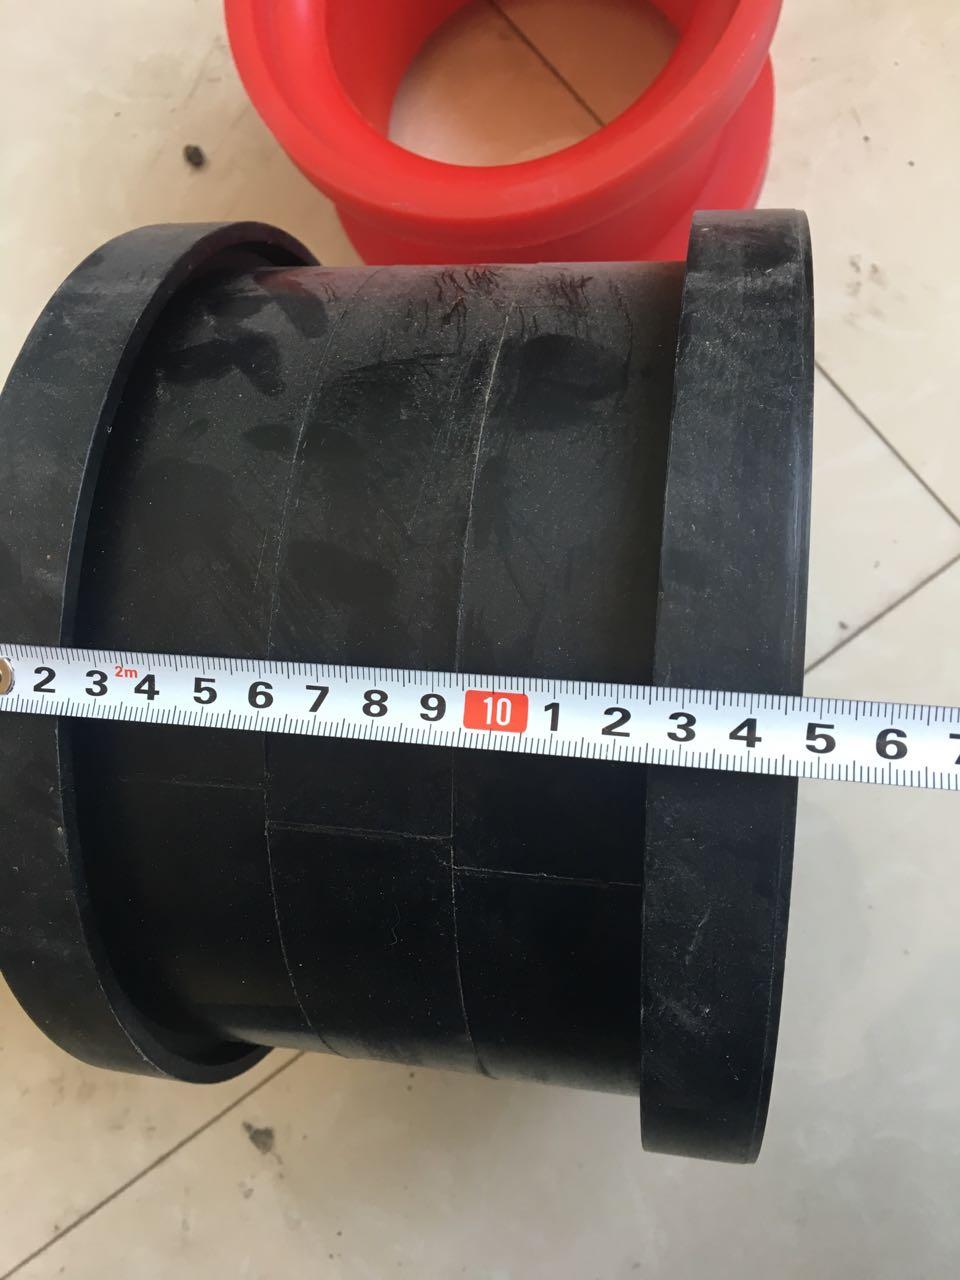 钻机配件,中南橡塑密封件提供有品质的钻机胶筒